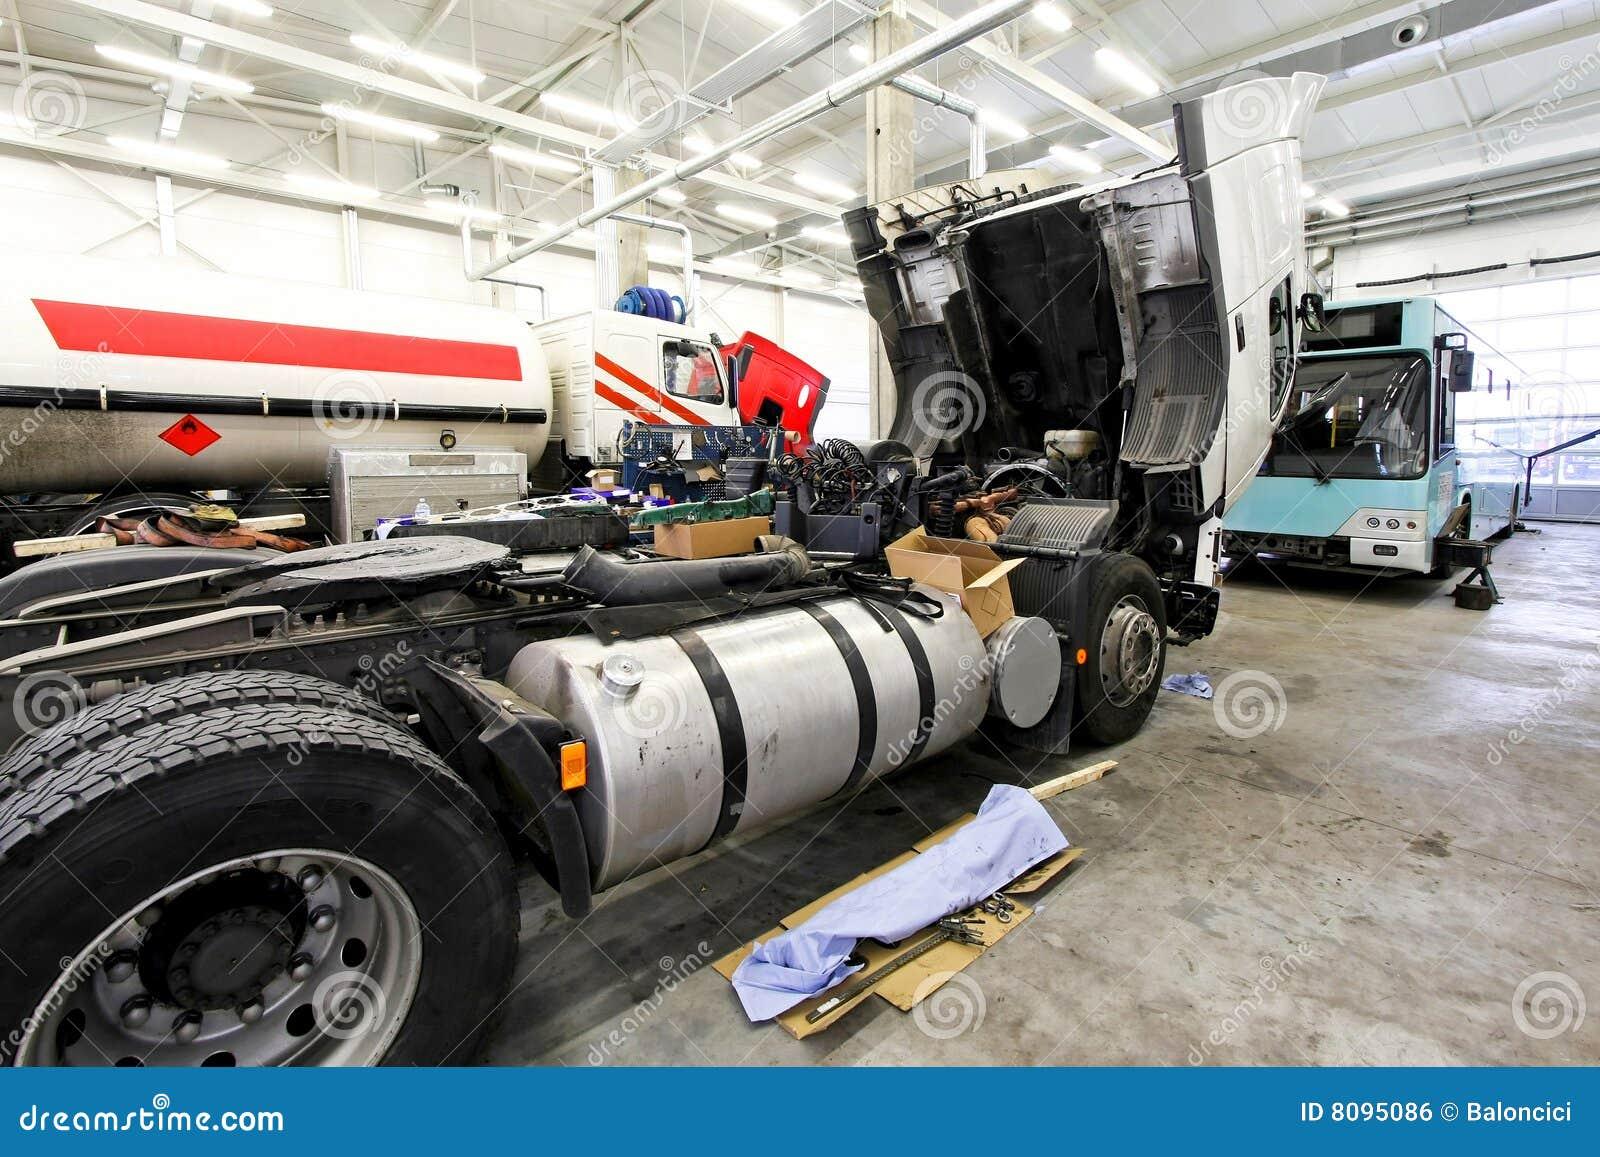 Preste serviços de manutenção a caminhões